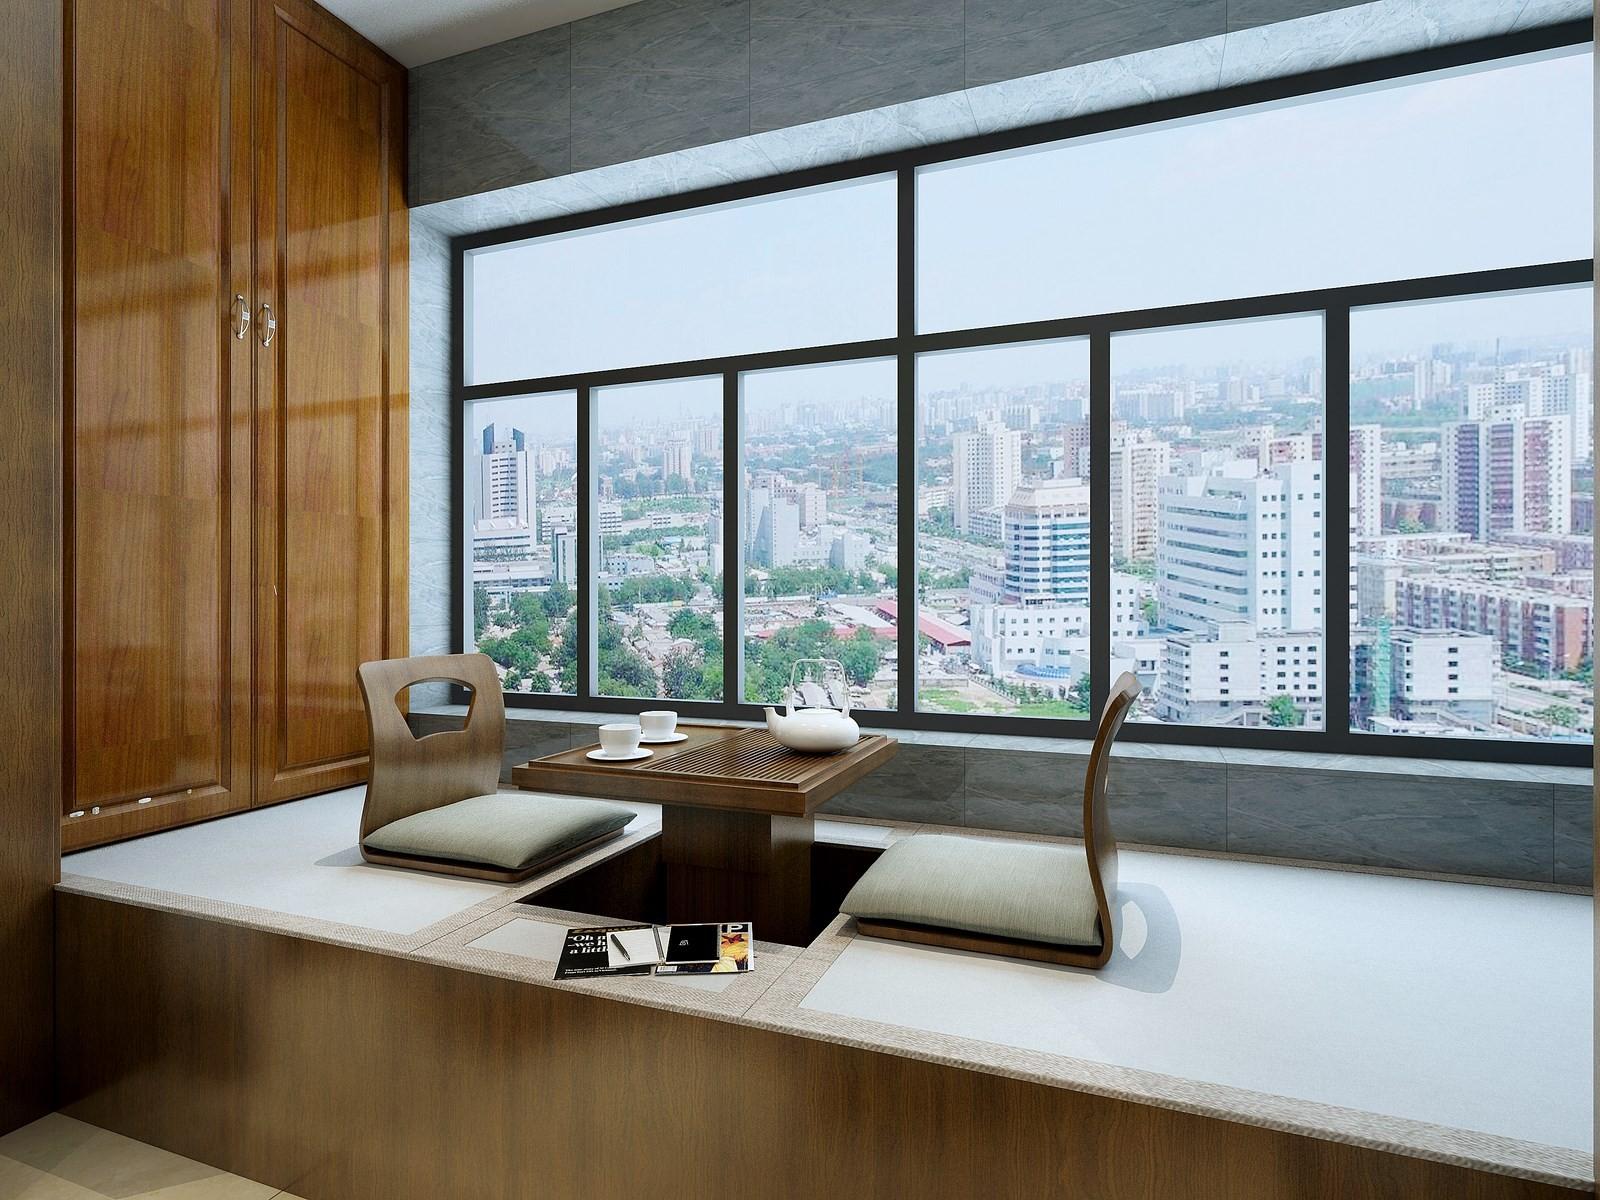 2020中式阳台装修效果图大全 2020中式榻榻米装饰设计